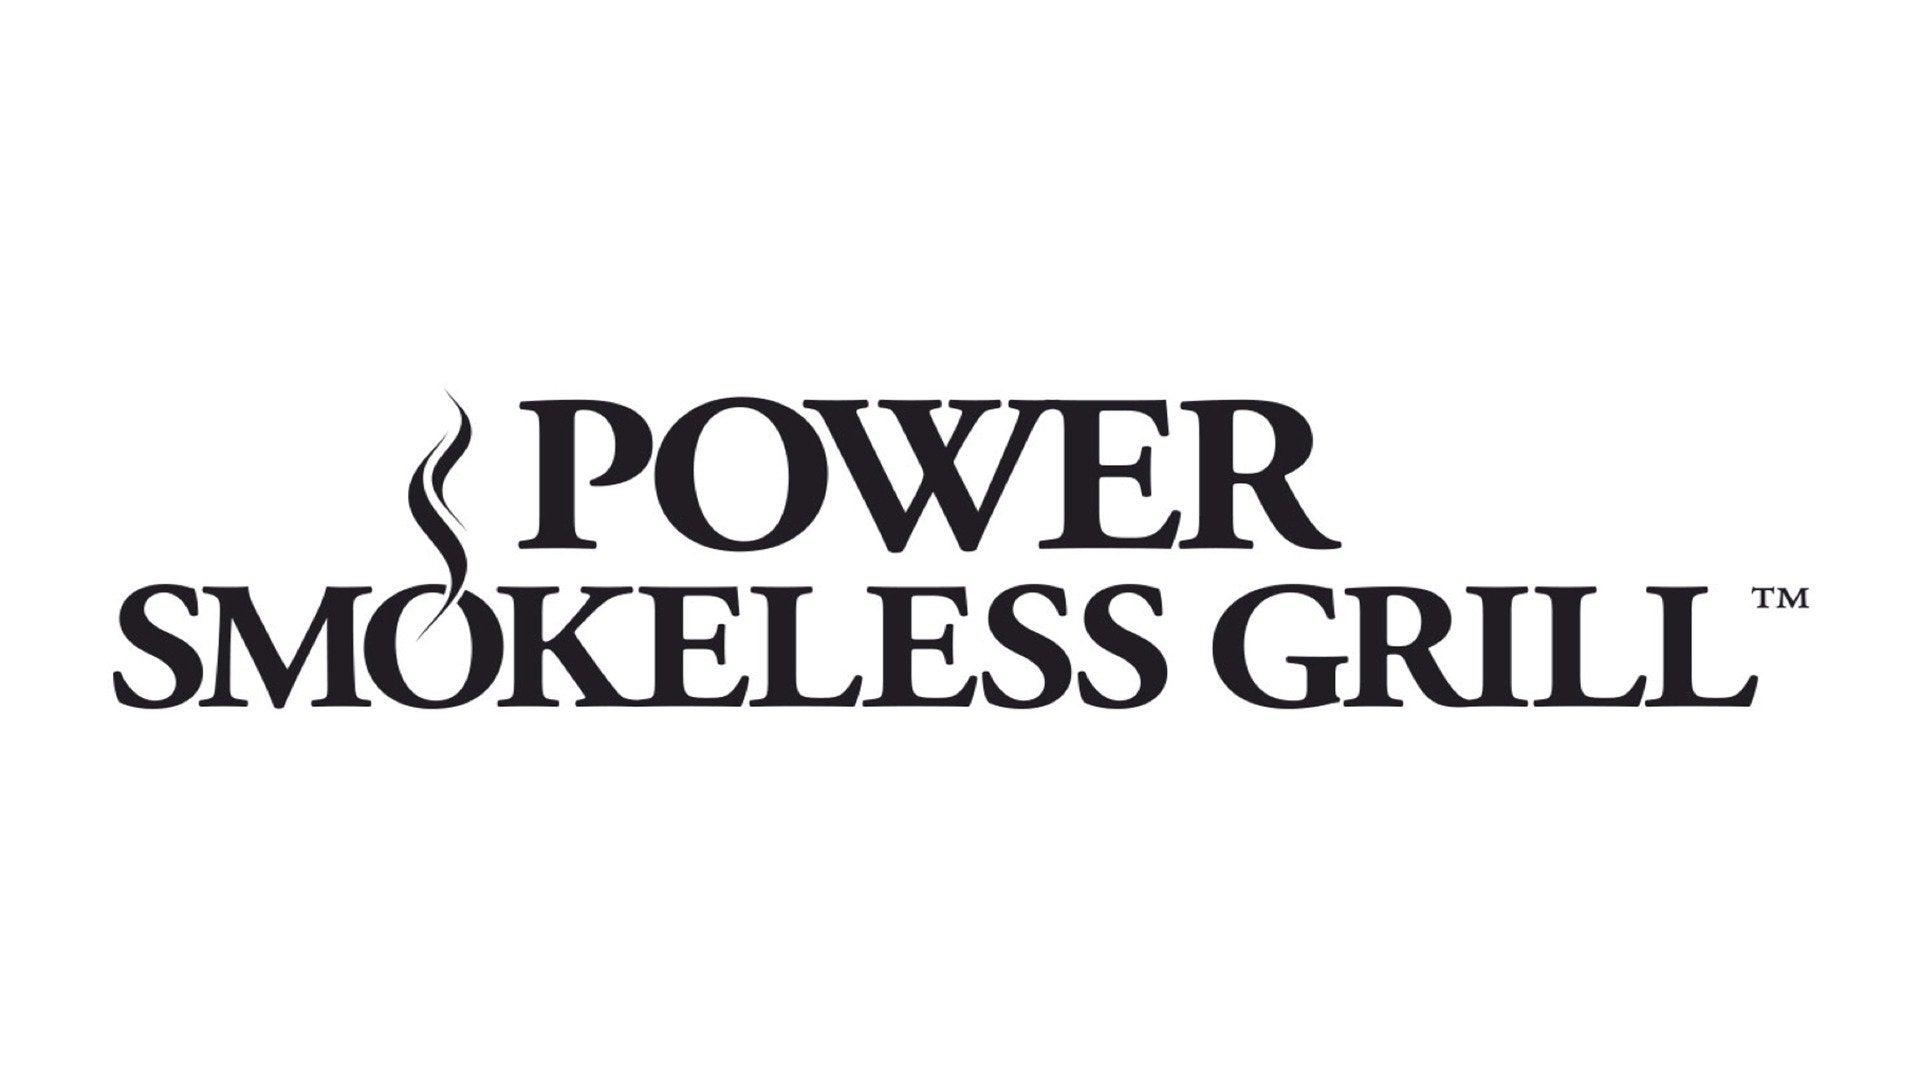 Power Smokeless Grill